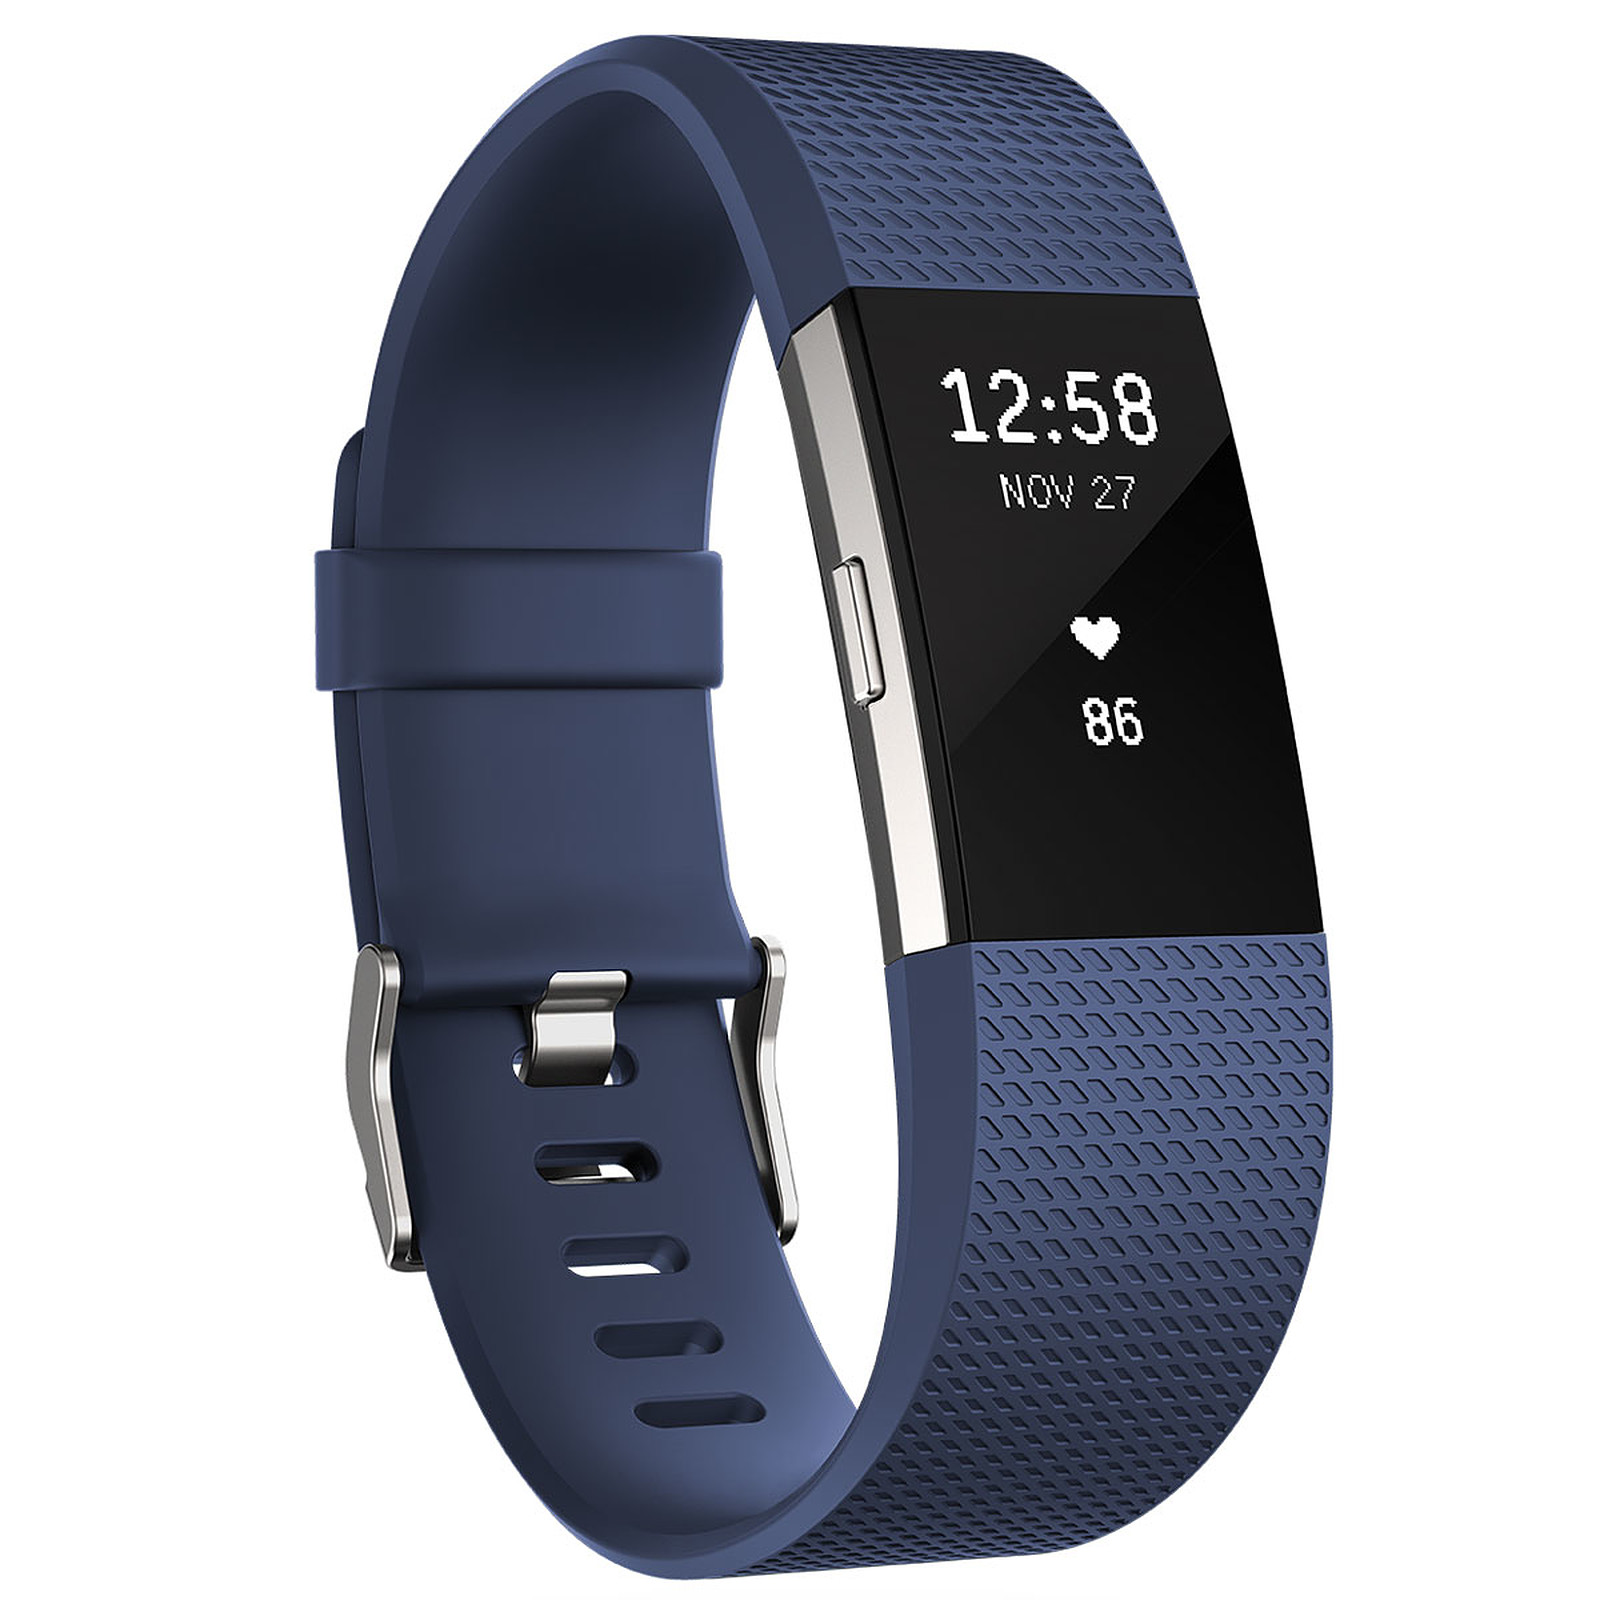 montre fitbit charge 2 bleu